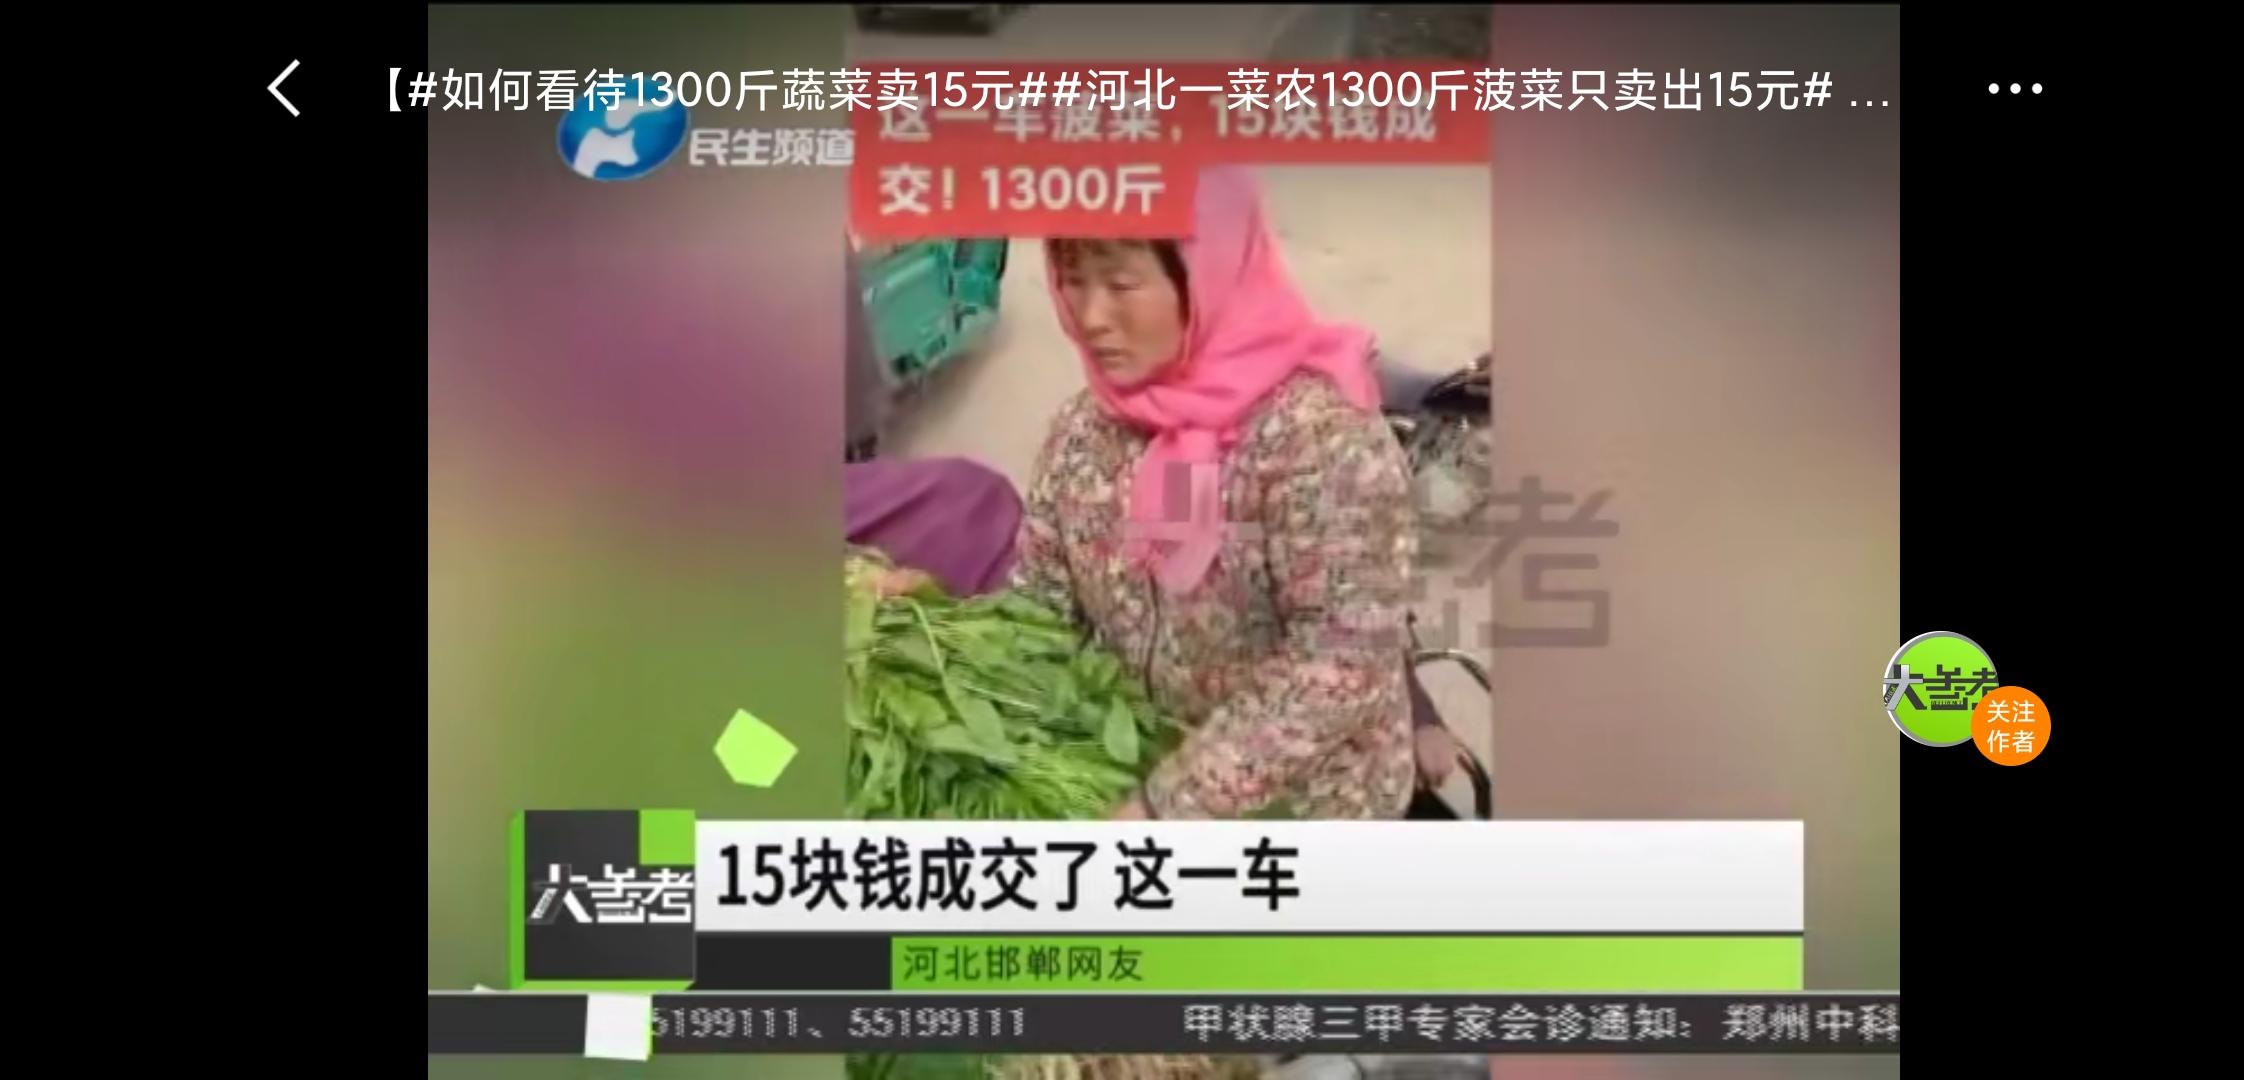 一对农民夫妻1300斤蔬菜卖15块钱,菜贩子给出的理由竟然是